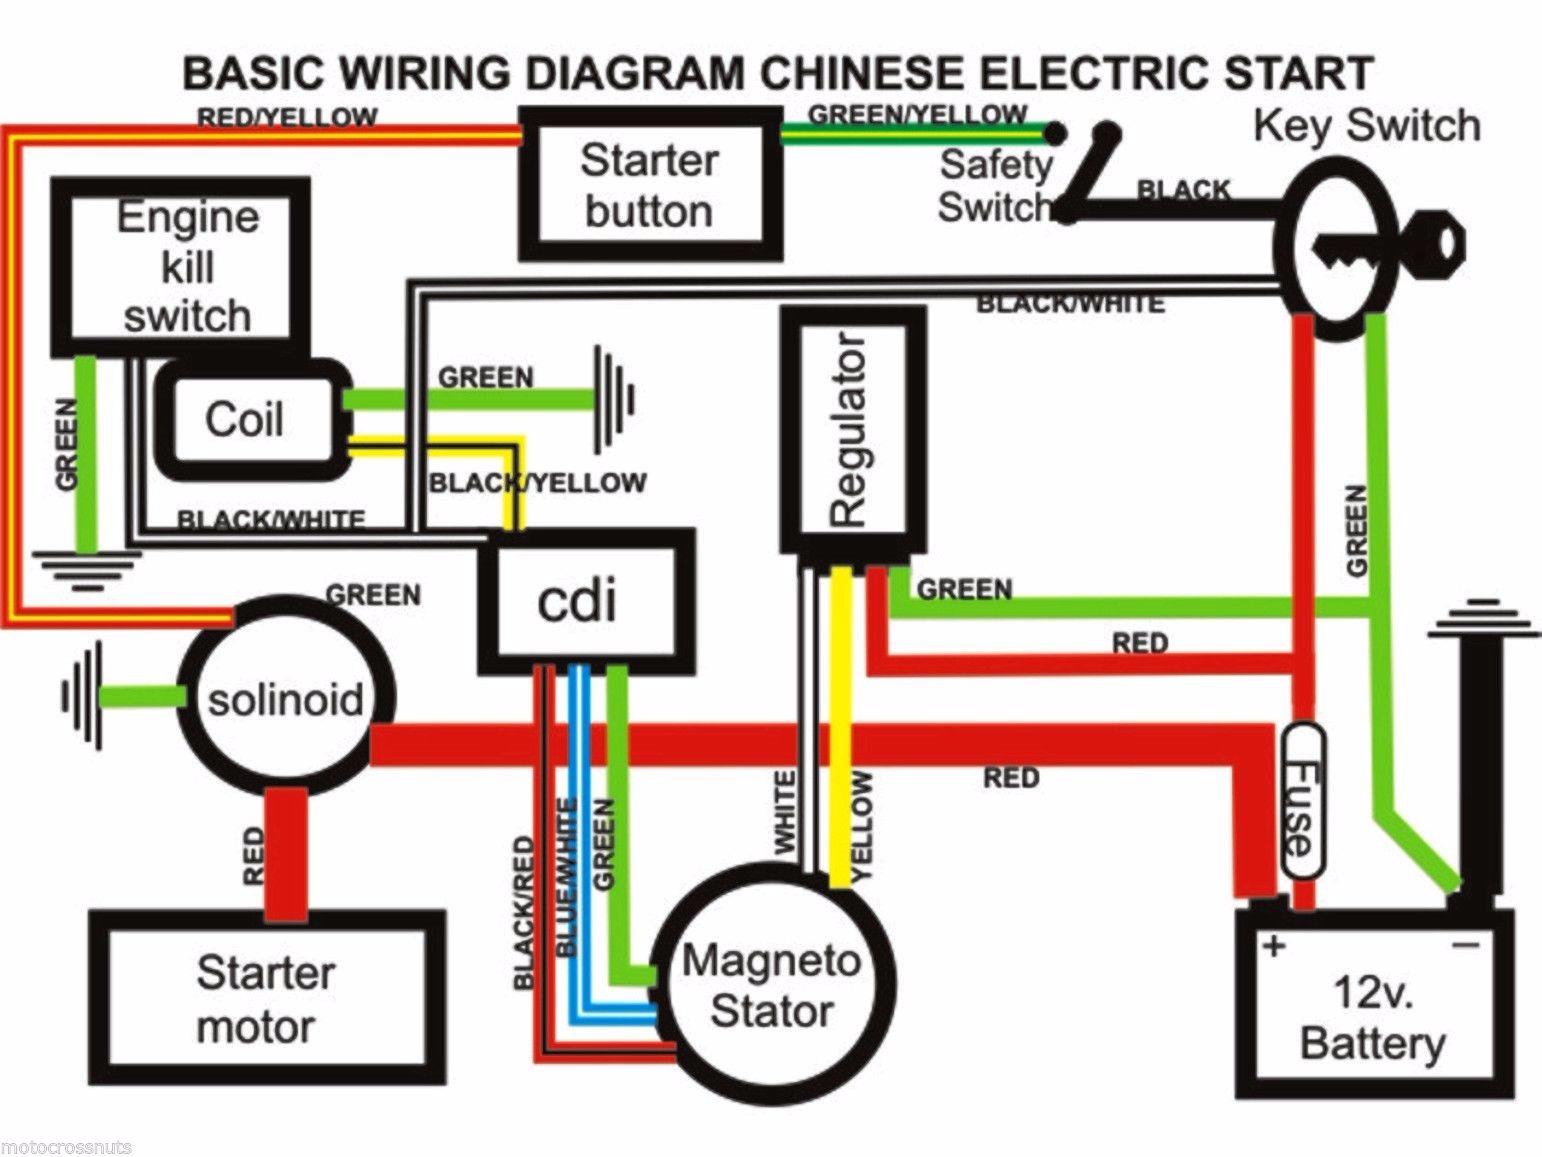 kazuma 49cc quad wiring diagram dual capacitor atv s2 wingblog de 125cc pit bike library rh 58 wibovanrossum nl